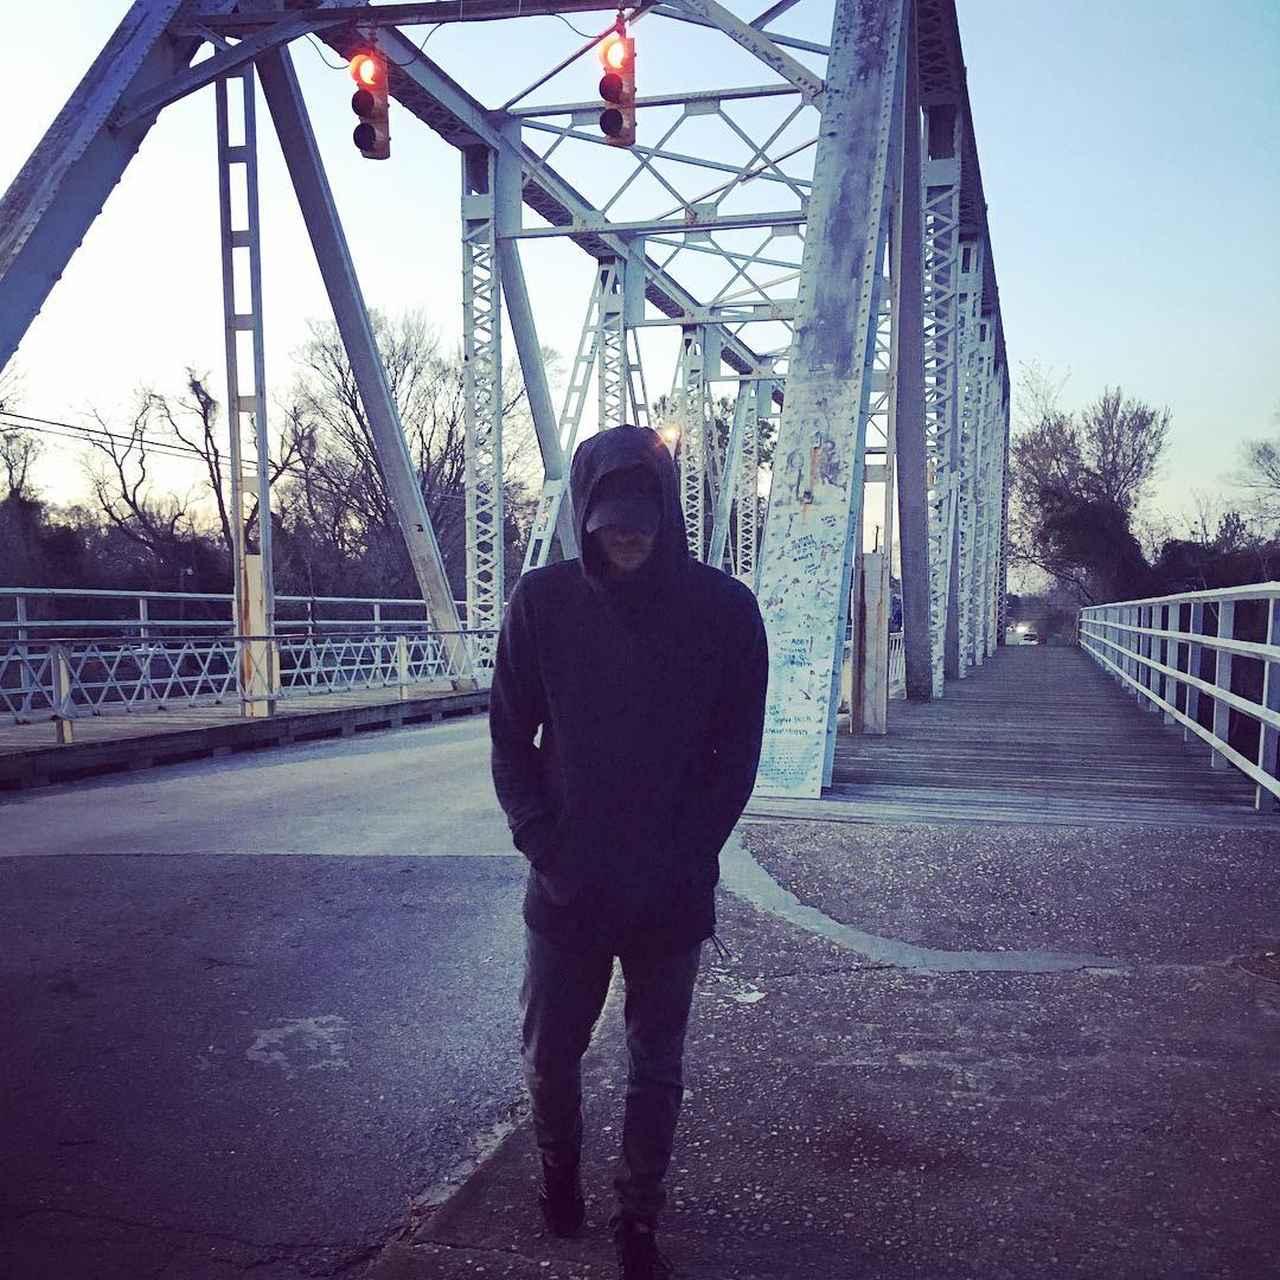 画像1: Chad MurrayさんはInstagramを利用しています:「I returned to the place it all started. Feels like yesterday... Ok, maybe not. It feels like 15 years ago I walked this bridge for the 1st…」 www.instagram.com